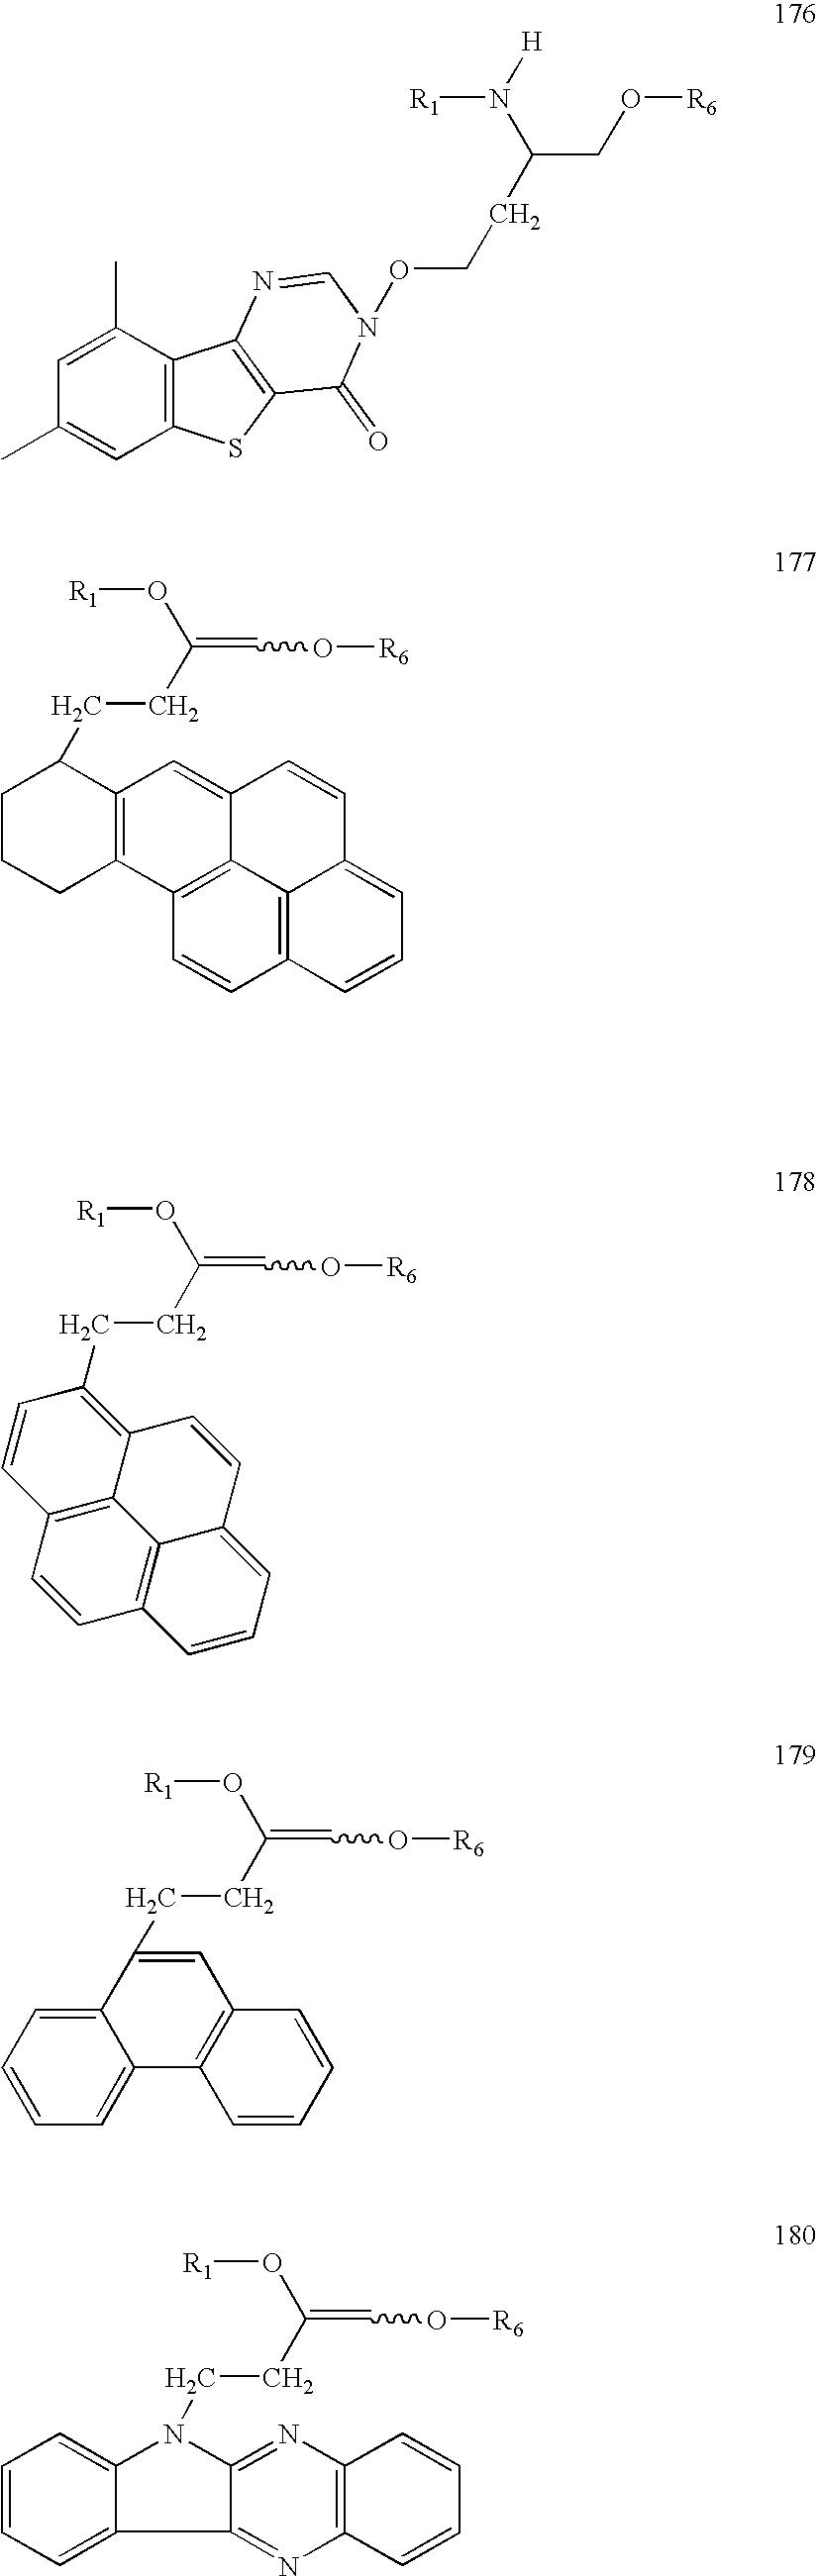 Figure US20060014144A1-20060119-C00127